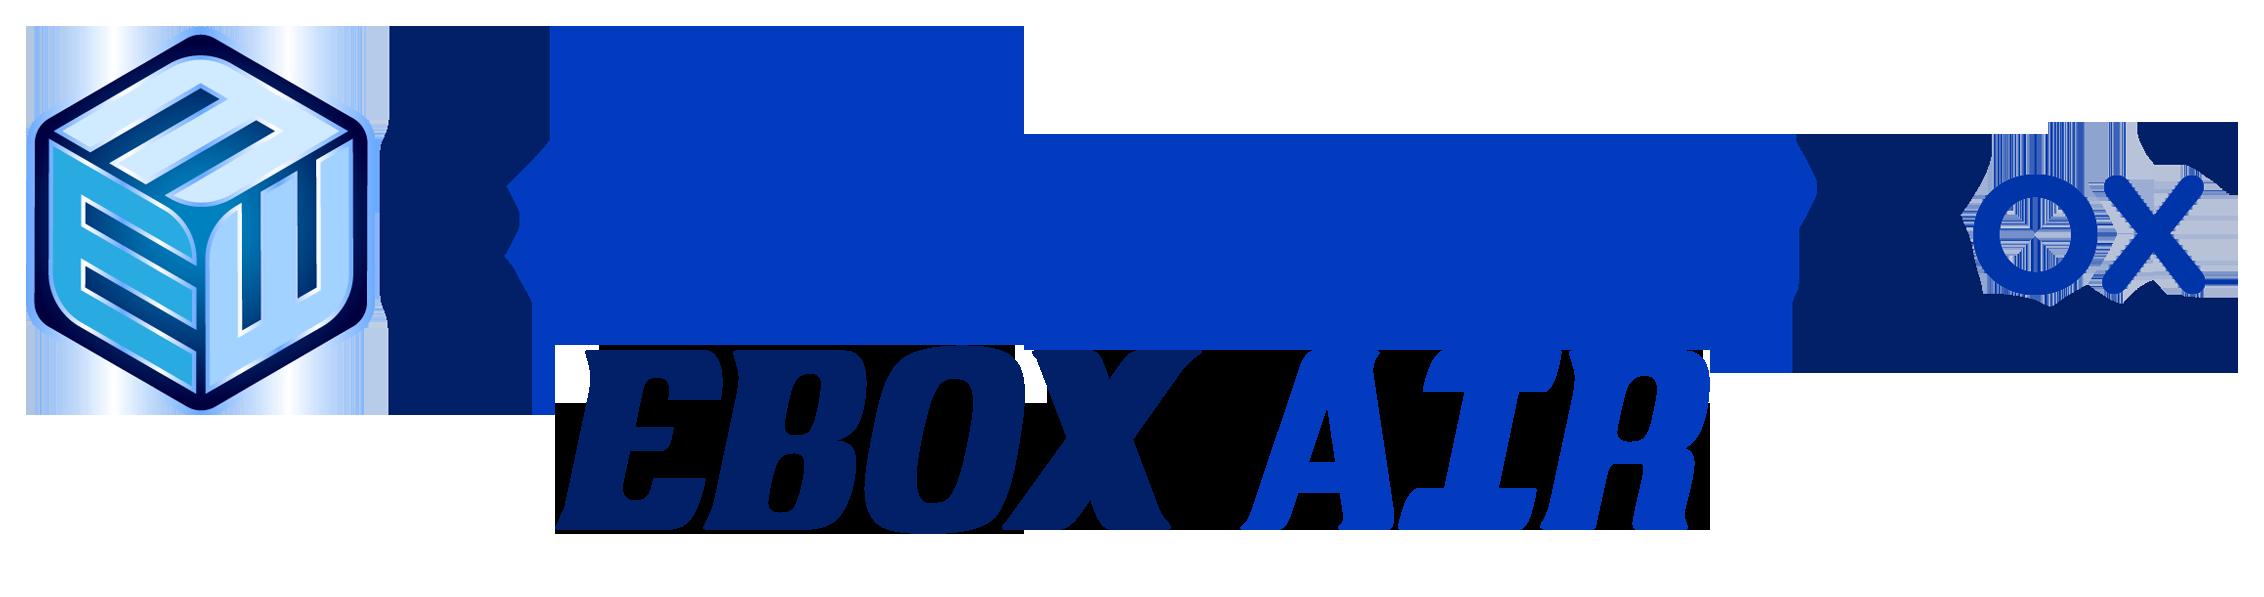 ebox-air-blue-logo